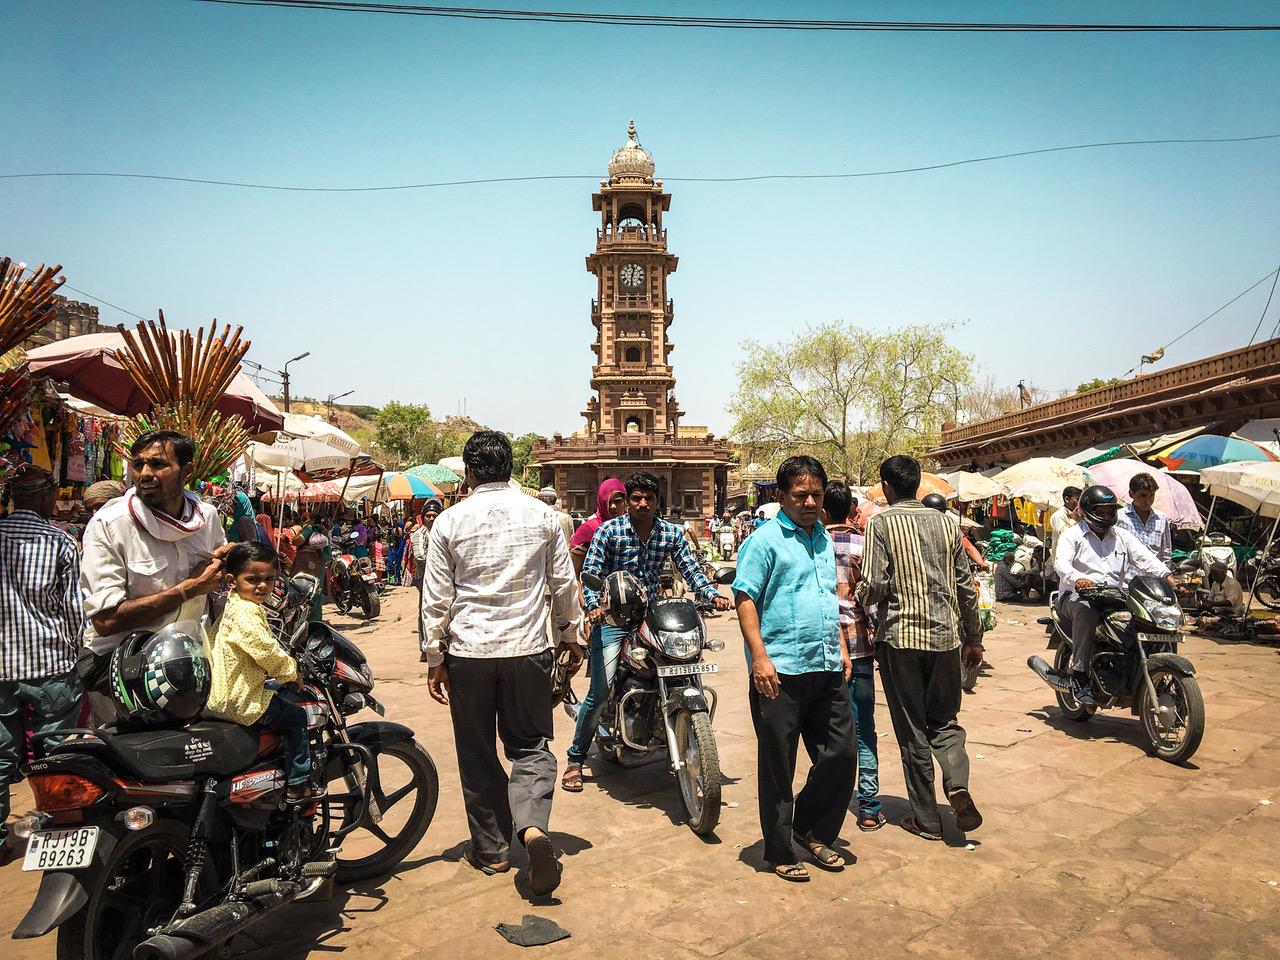 Que faire à Jodhpur? Visiter la place centrale